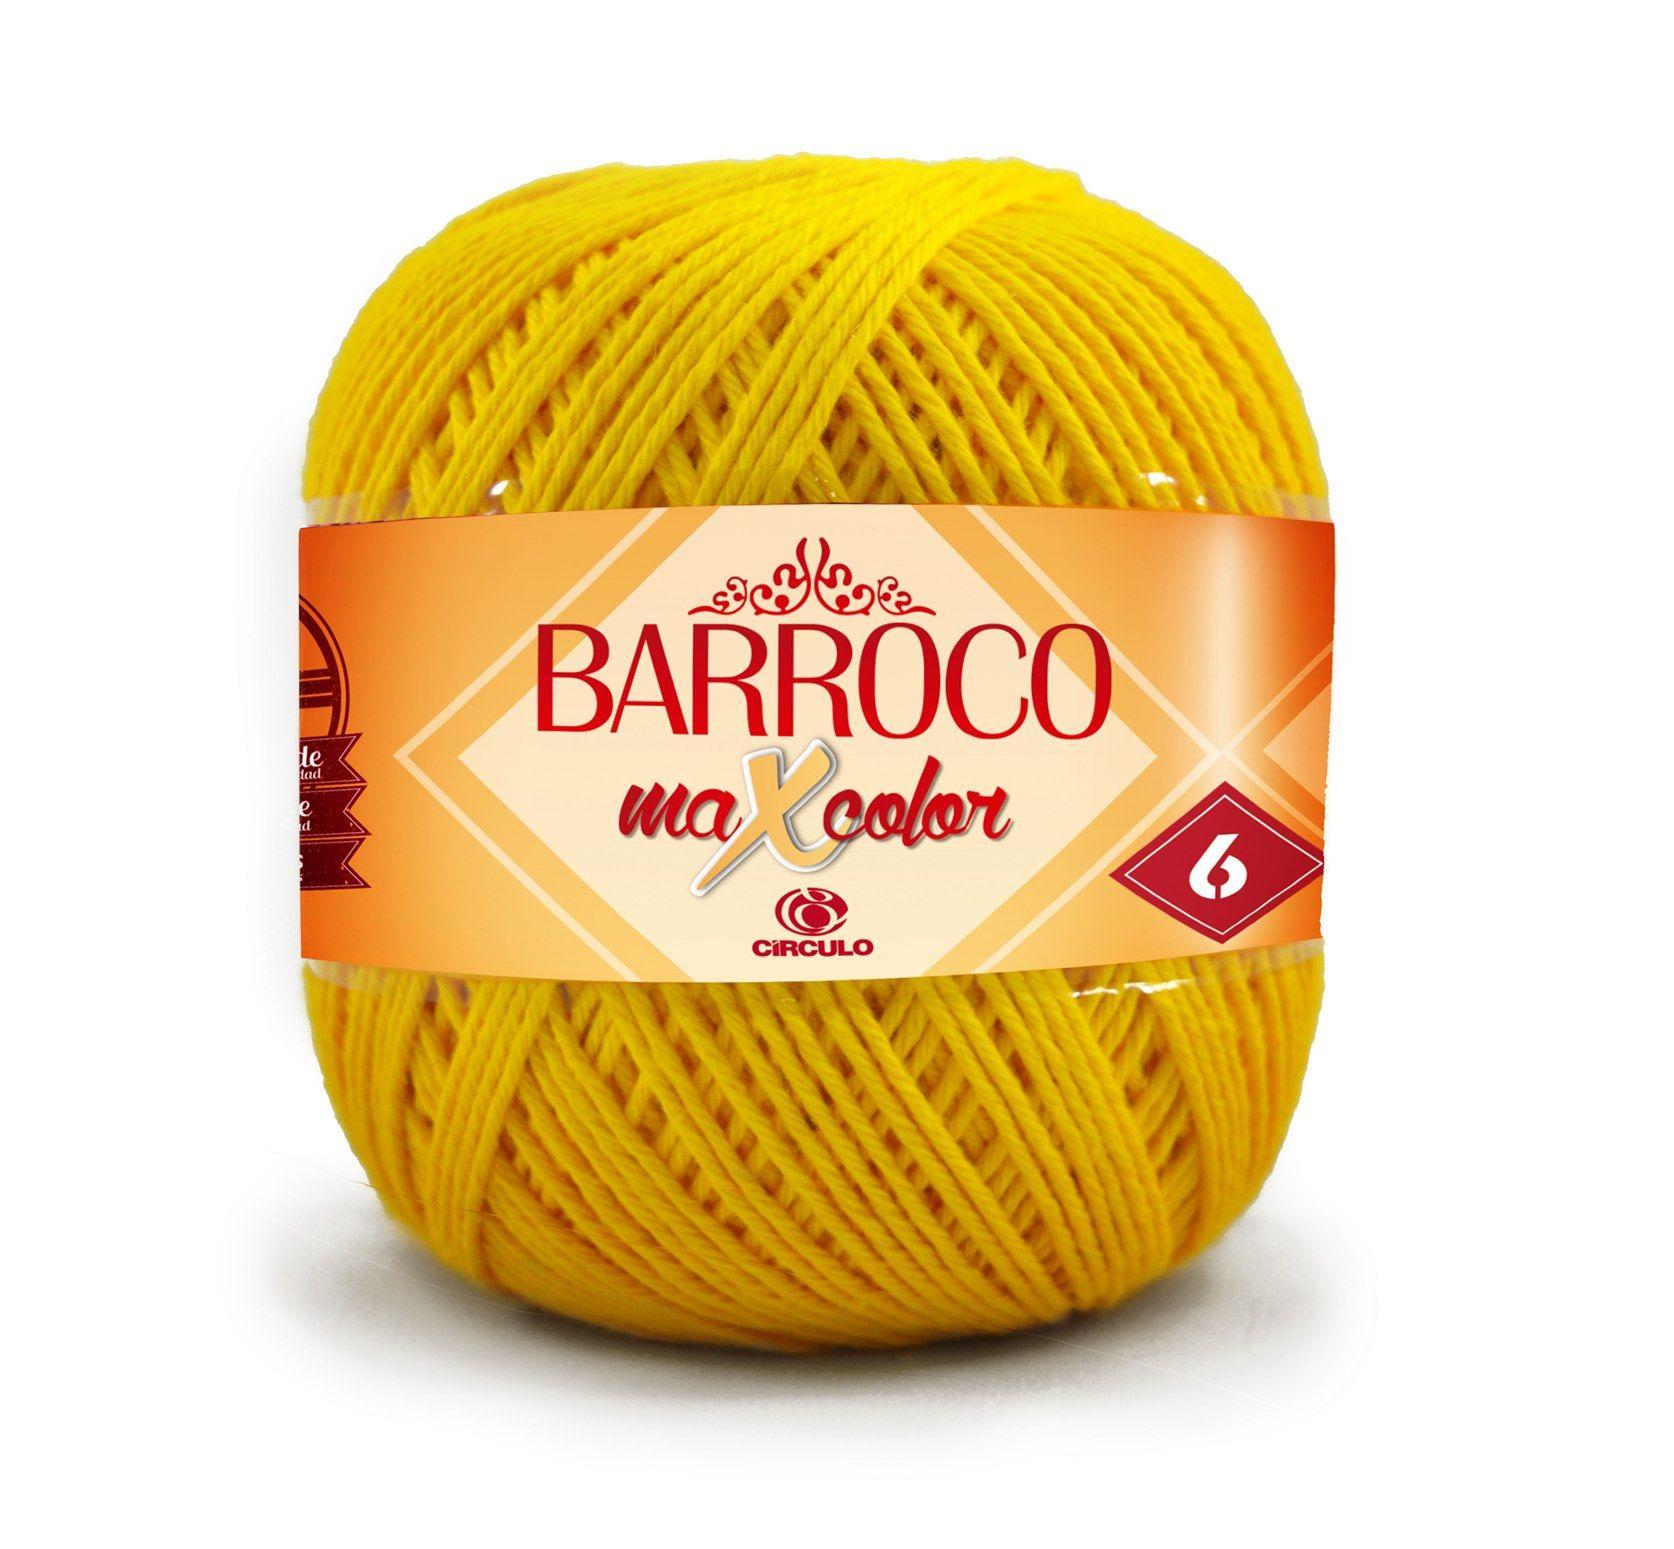 Barbante Barroco MaxColor Nº 6 - 400g  - Bastex Artesanatos